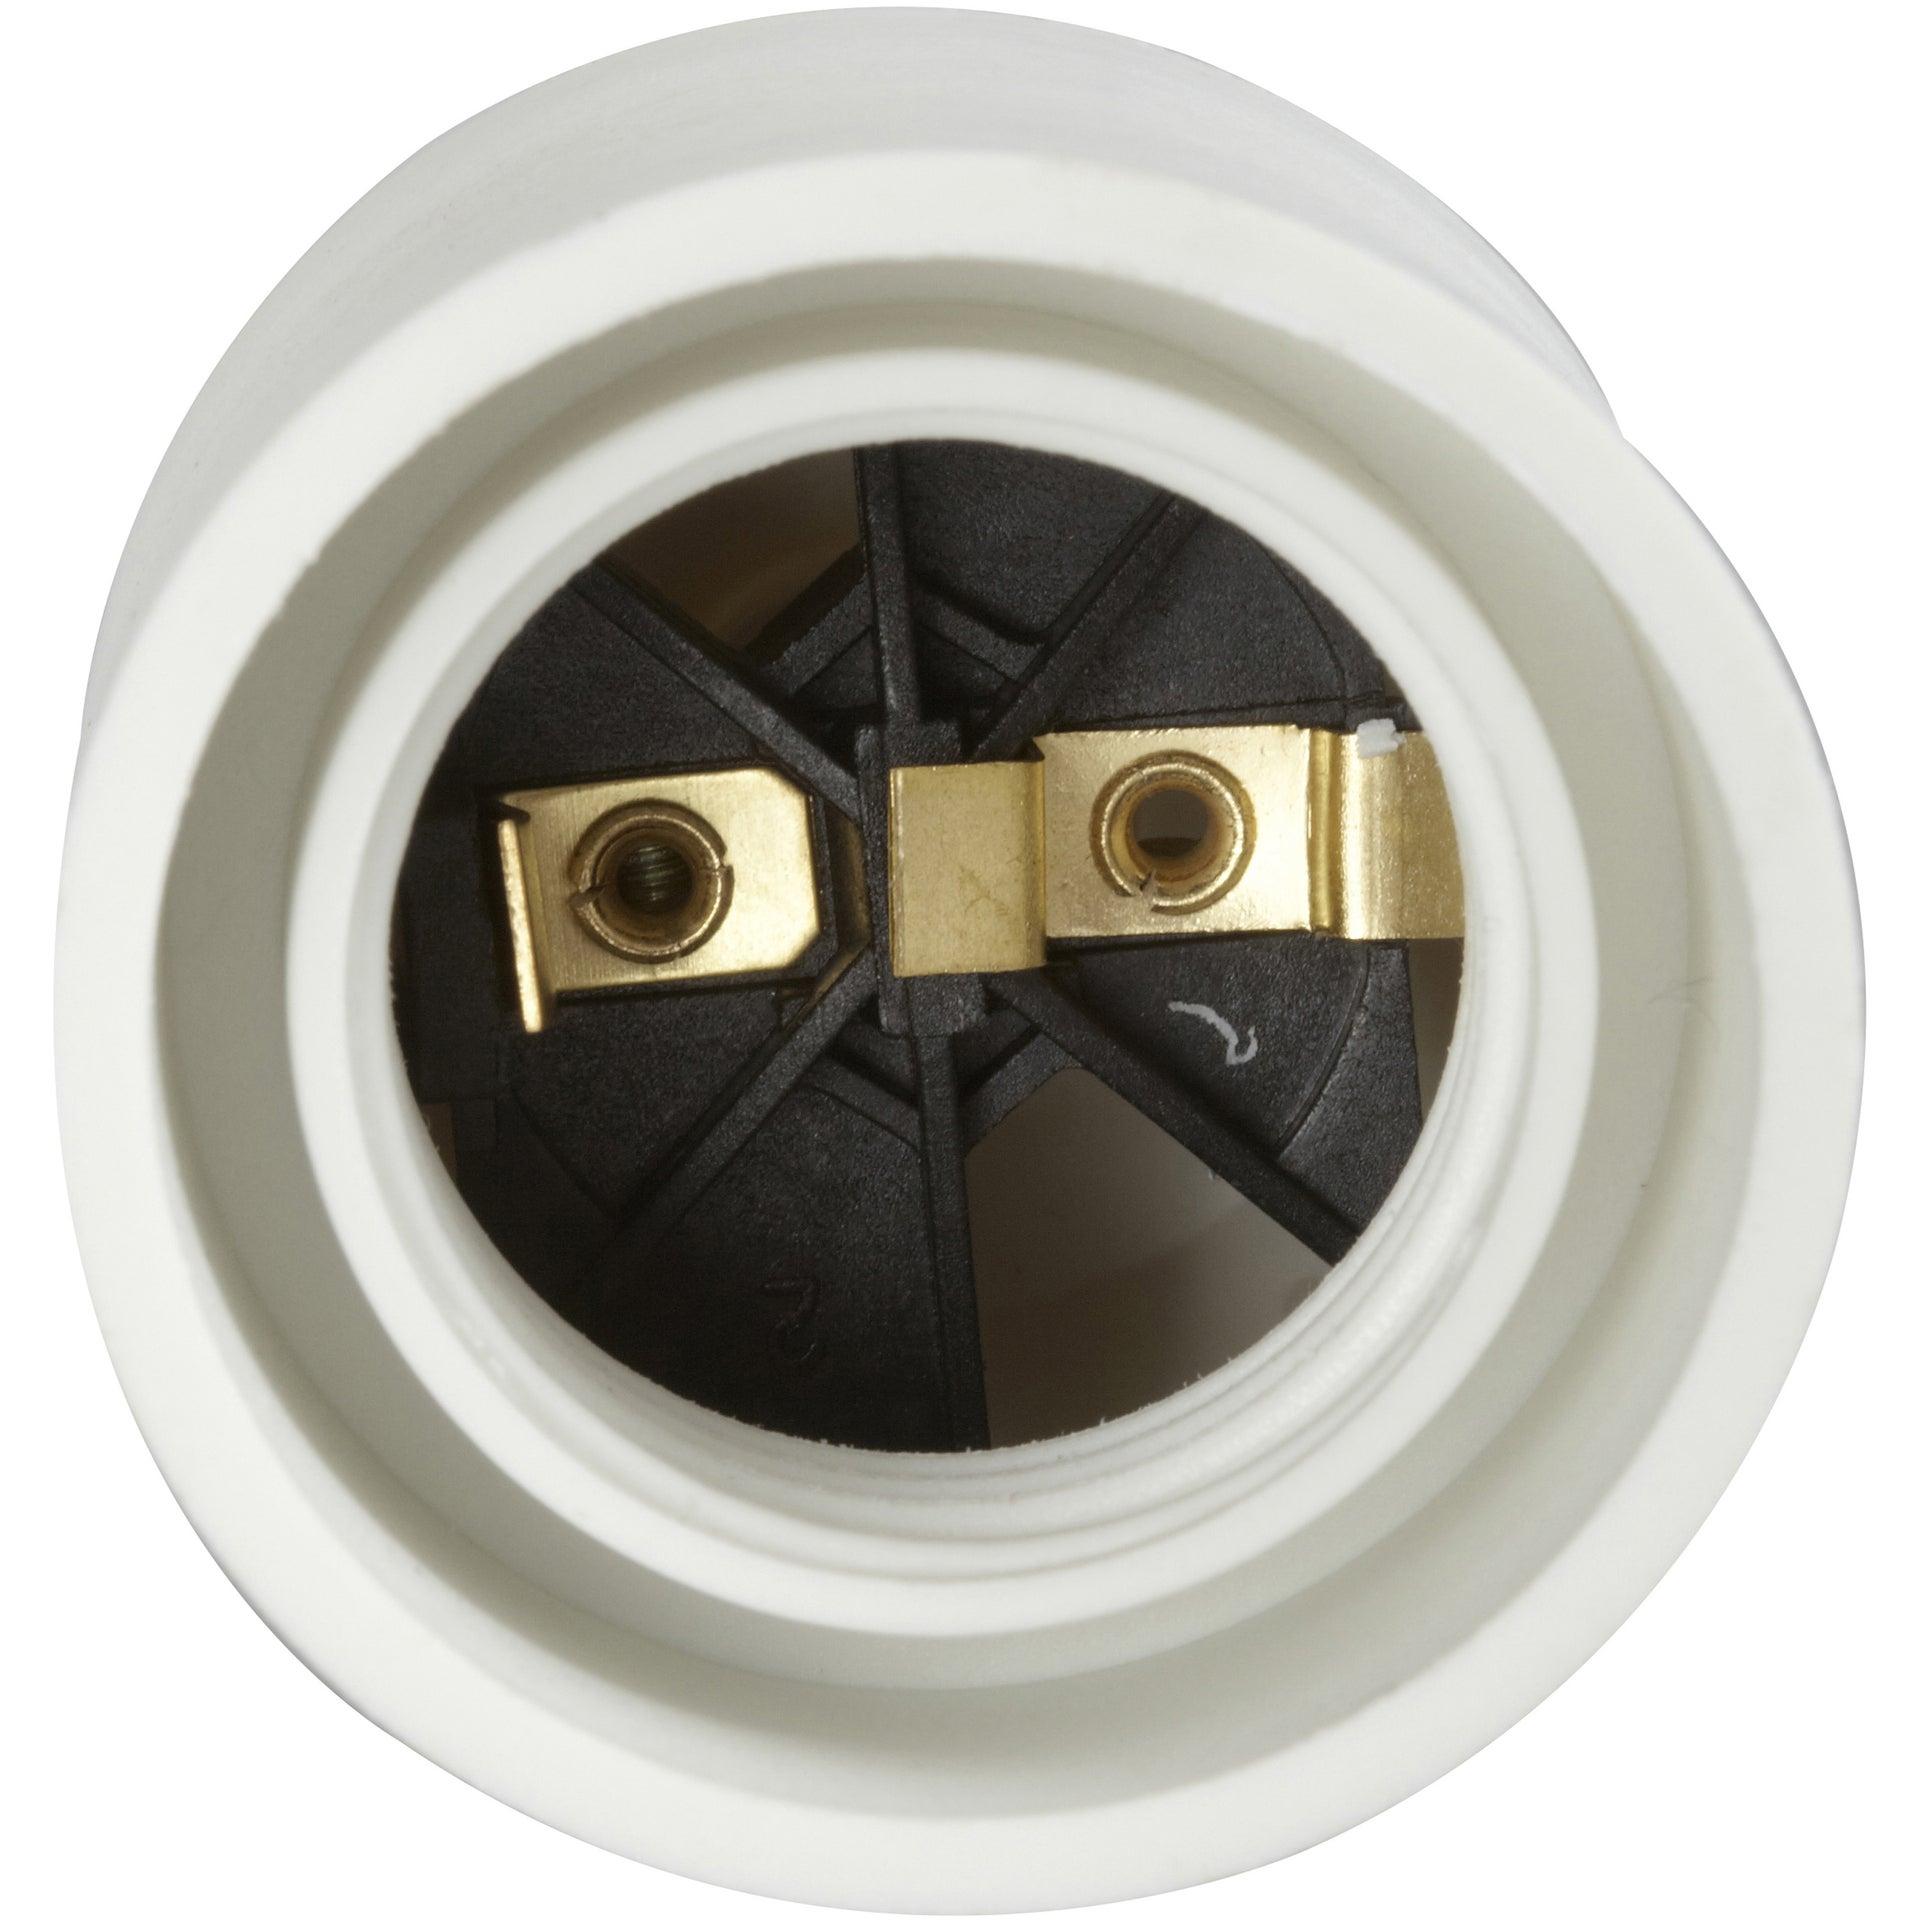 Douille électrique à Vis E27 Polyamide Blanc